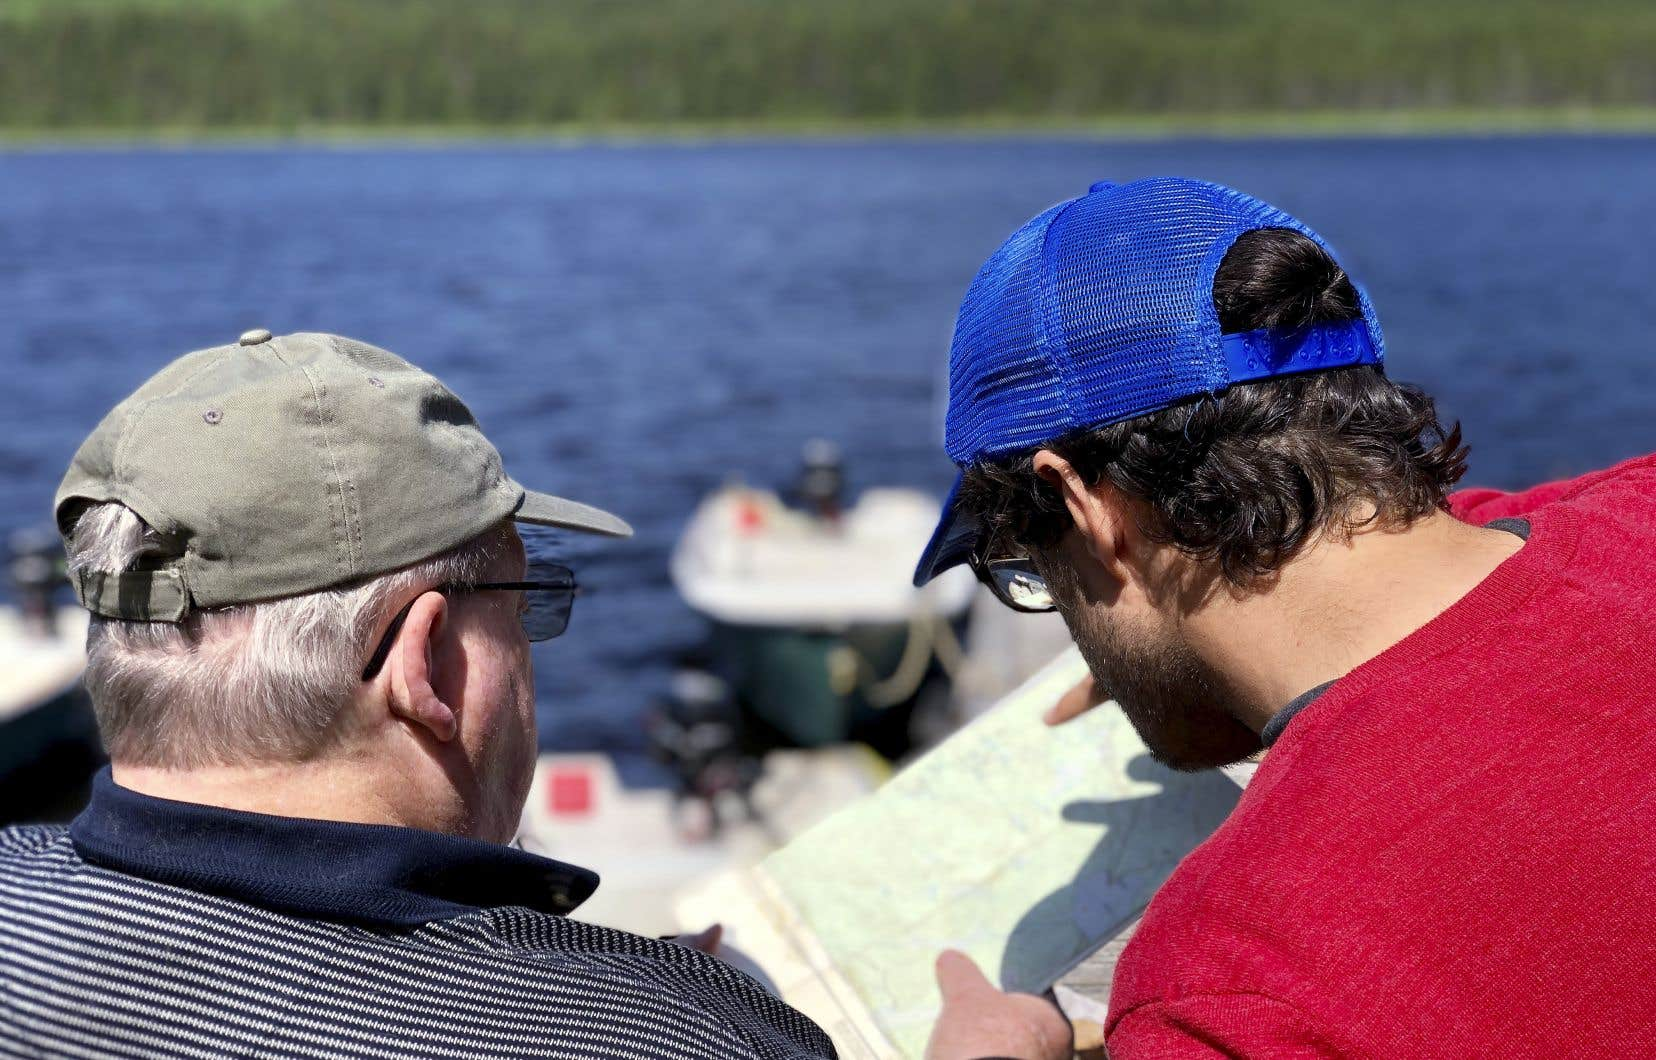 Immobilisés aux abords du lac Fradette, nous tentons de localiser le camp de prisonniers allemands avec l'aide du récréologue à la retraite Louis Lefebvre (à gauche).